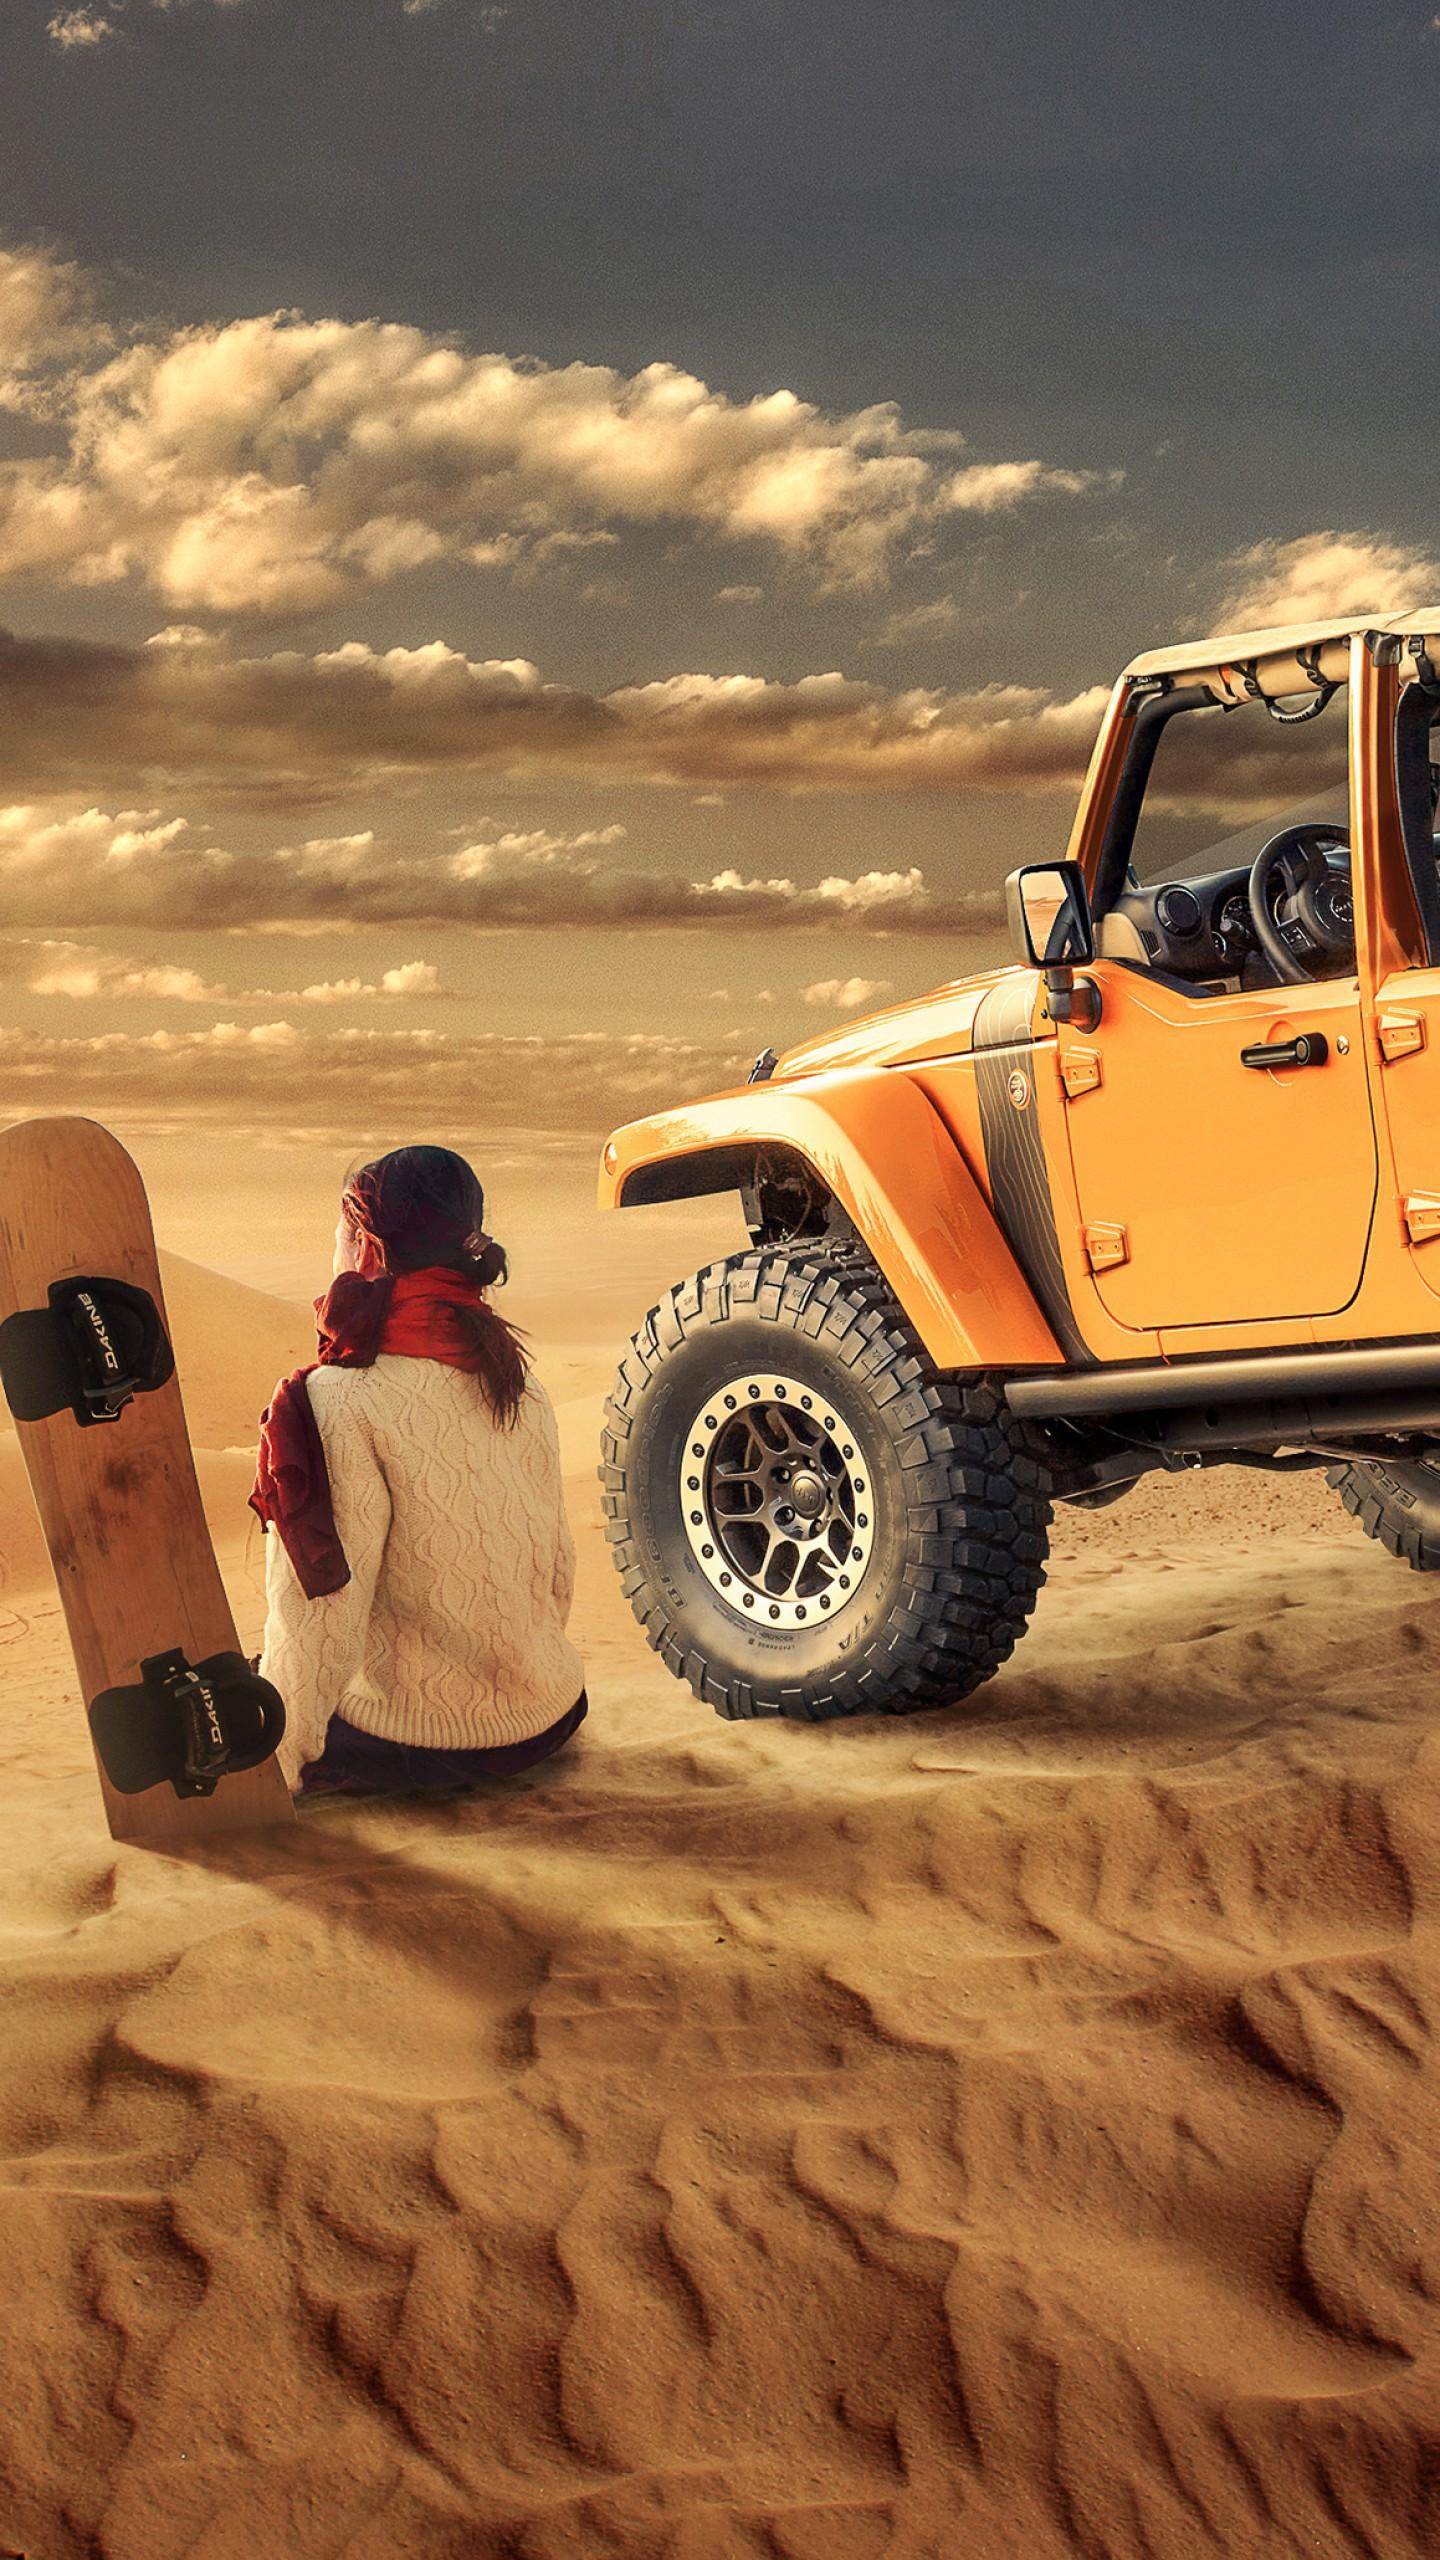 عکس زمینه دختر اسکیت سوار در کنار آفرود زرد در صحرا پس زمینه